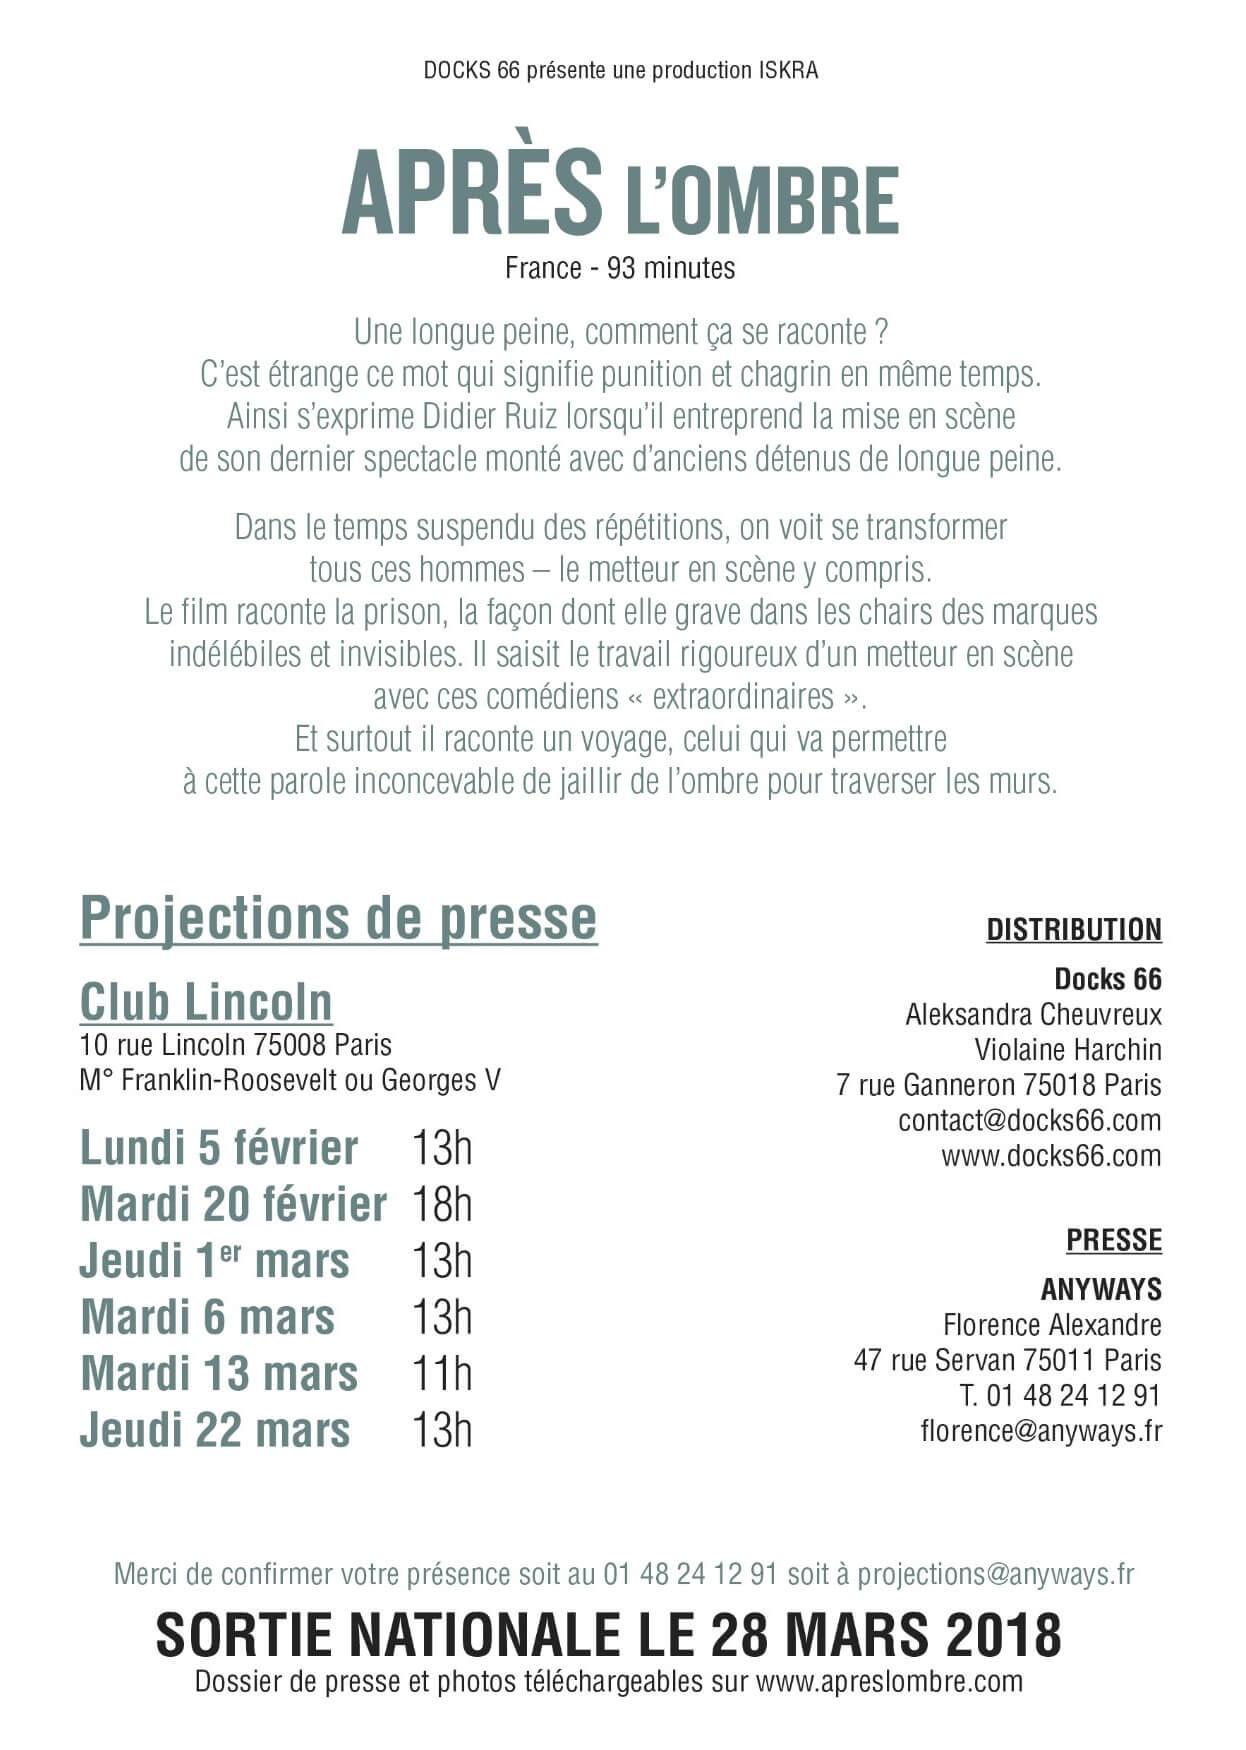 Sortie nationale le 28 mars 2018 du Film : APRÈS L'OMBRE de Stéphane MERCURIO